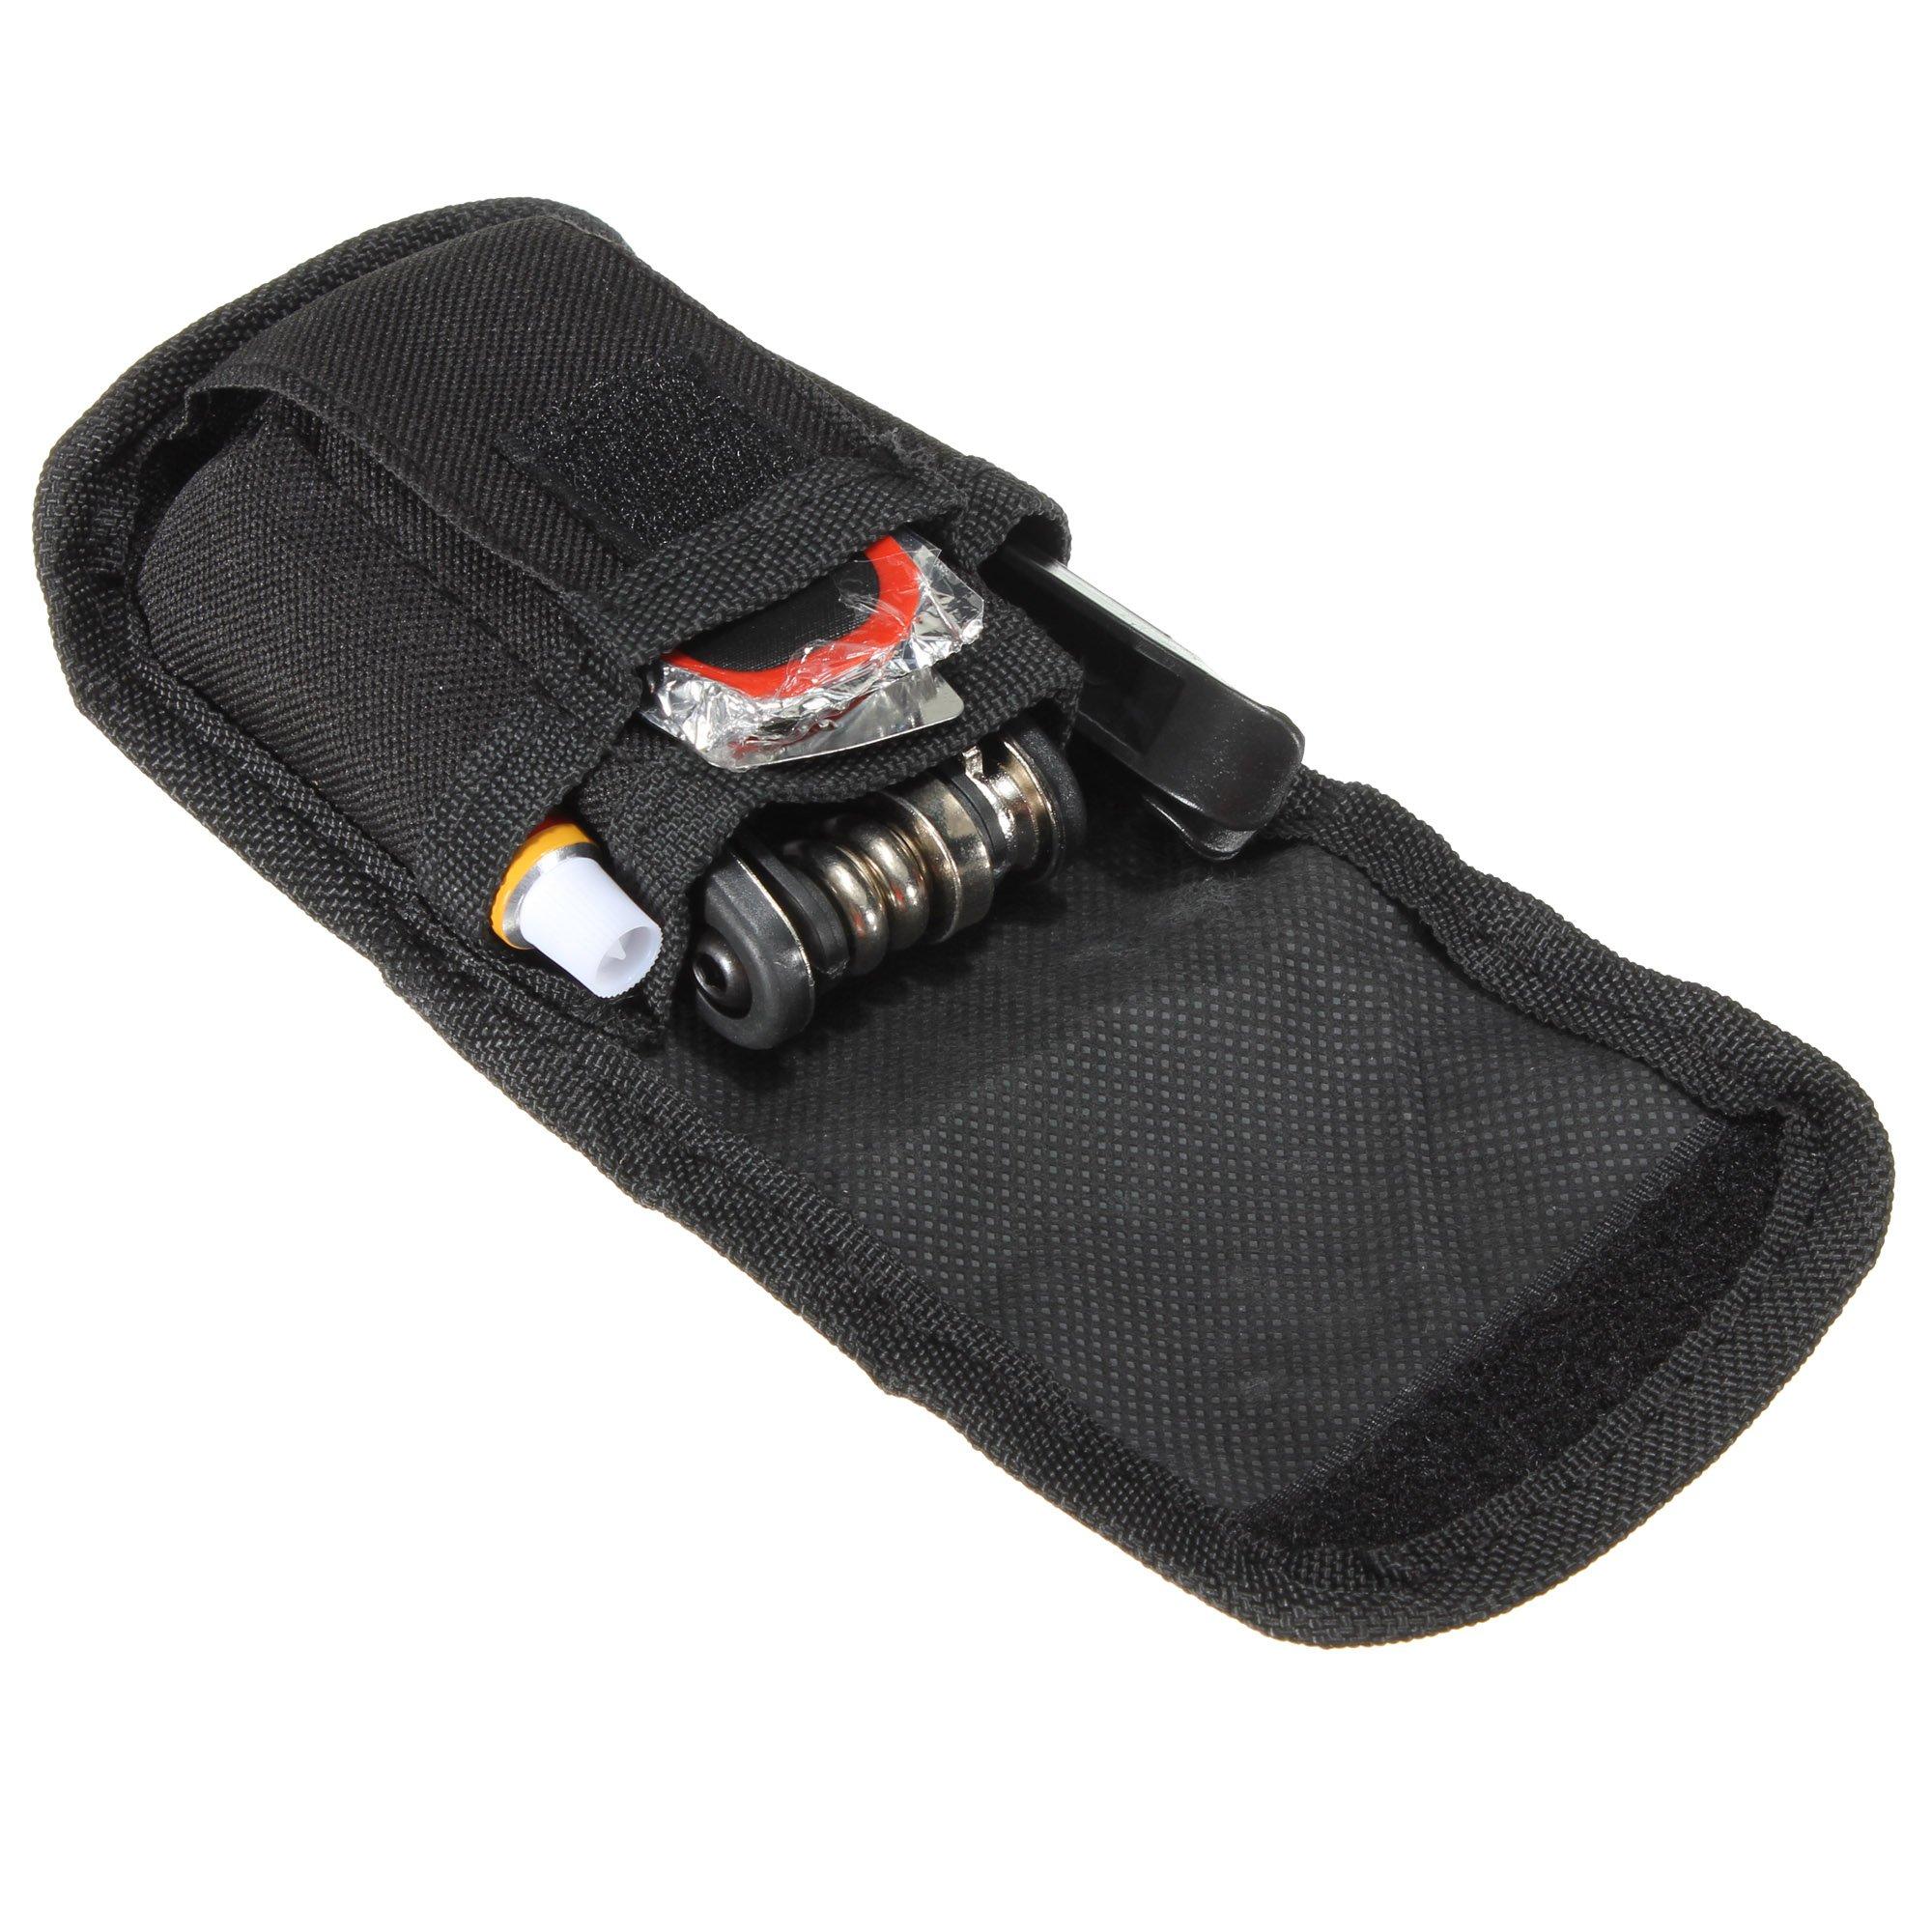 SAHOO Bike Bicycle Tool Tire Repair Kit Repair Set Repair Patch + Pocket